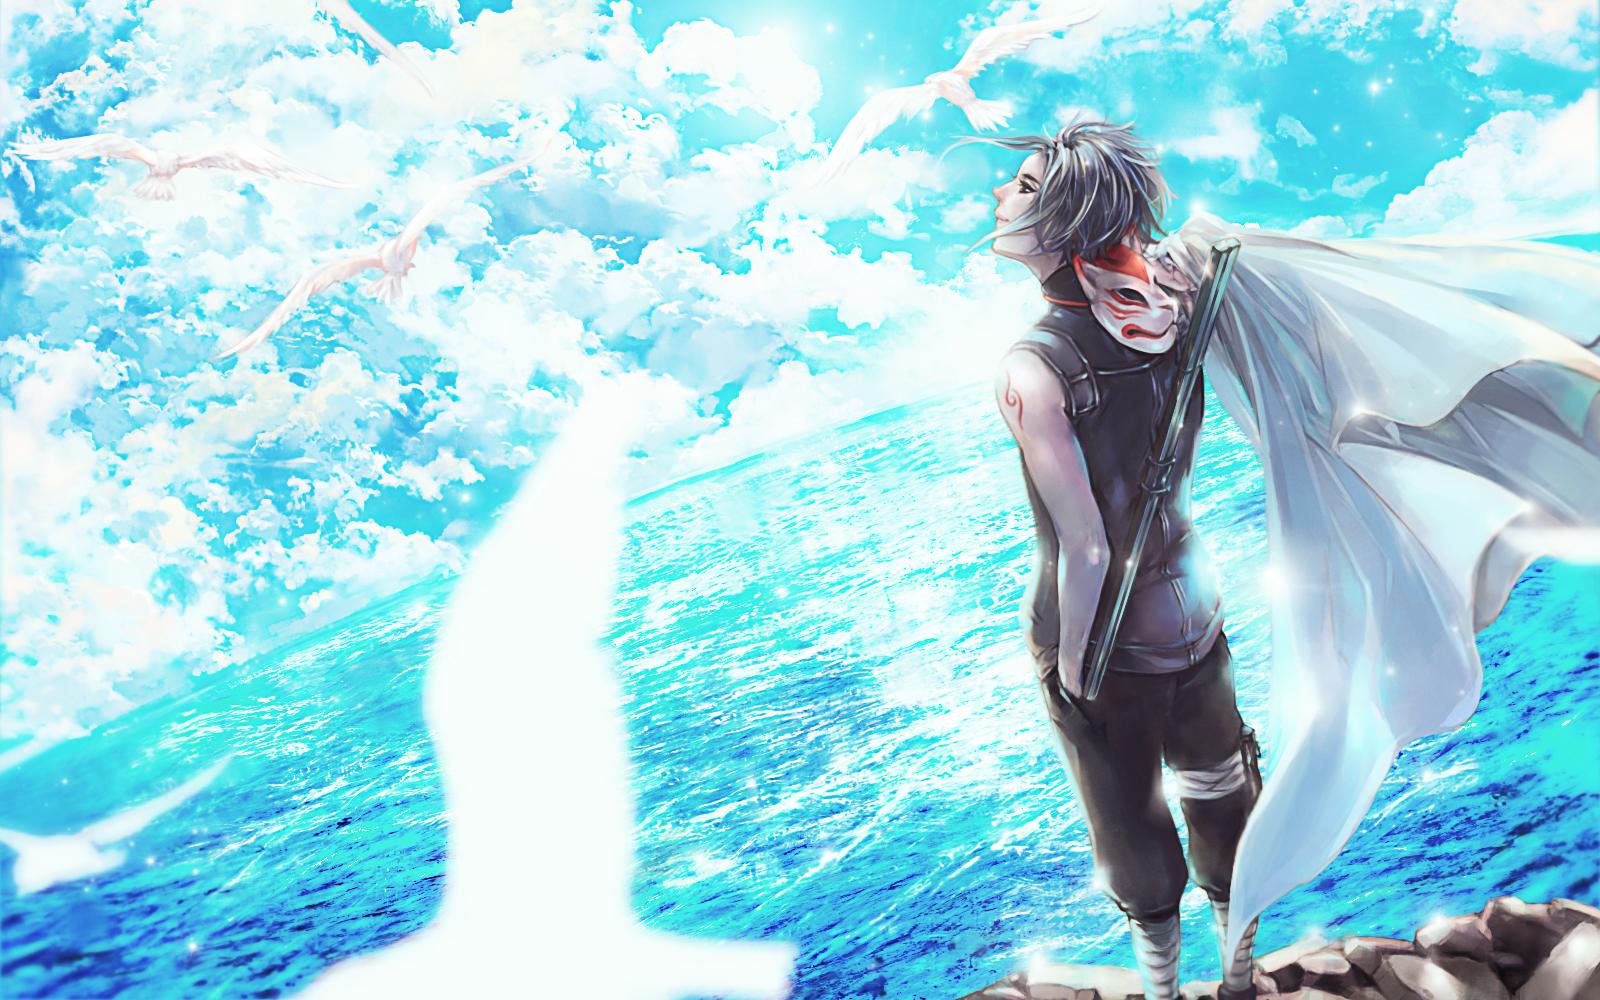 Beautiful Wallpaper Naruto Blue - Uchiha  Snapshot_504279.jpg